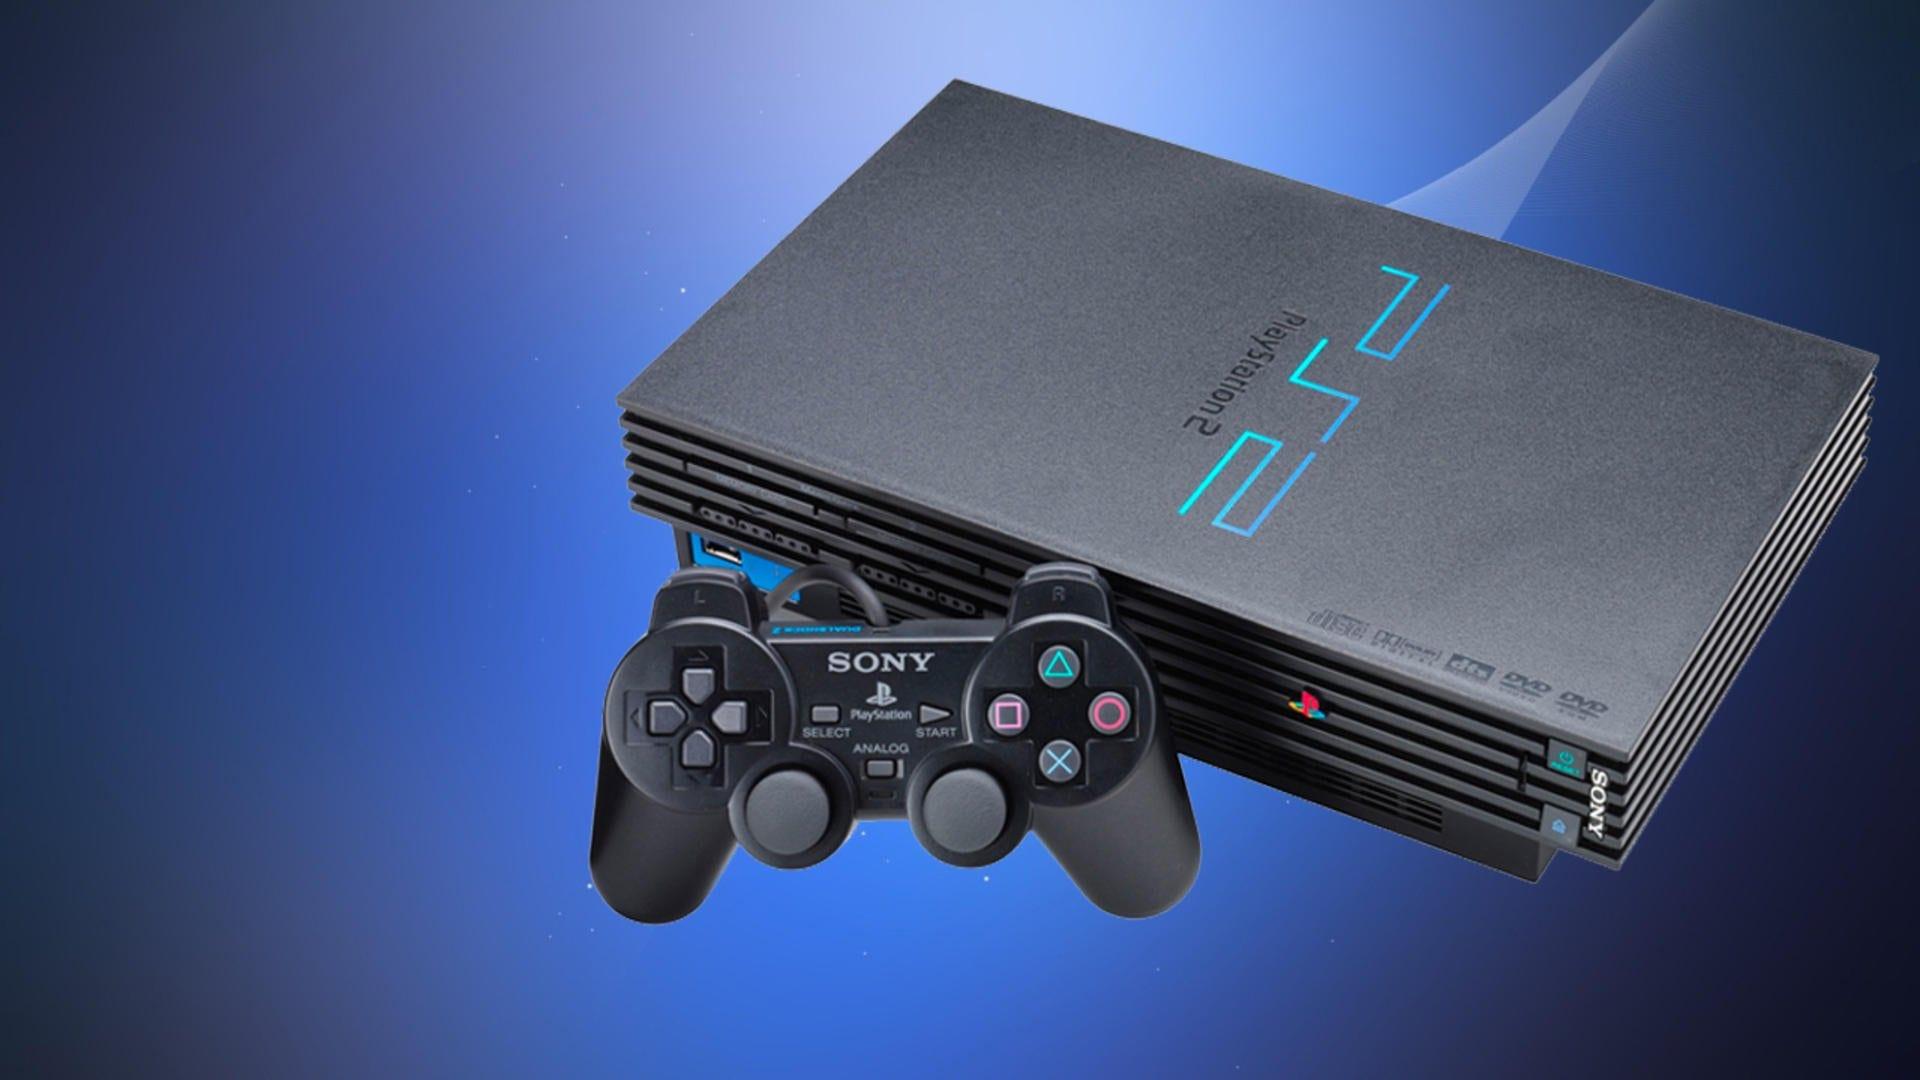 Parece incrível dizer, mas já se passaram 21 anos desde que o PlayStation 2 foi lançado pela primeira vez no Japão pela Sony.